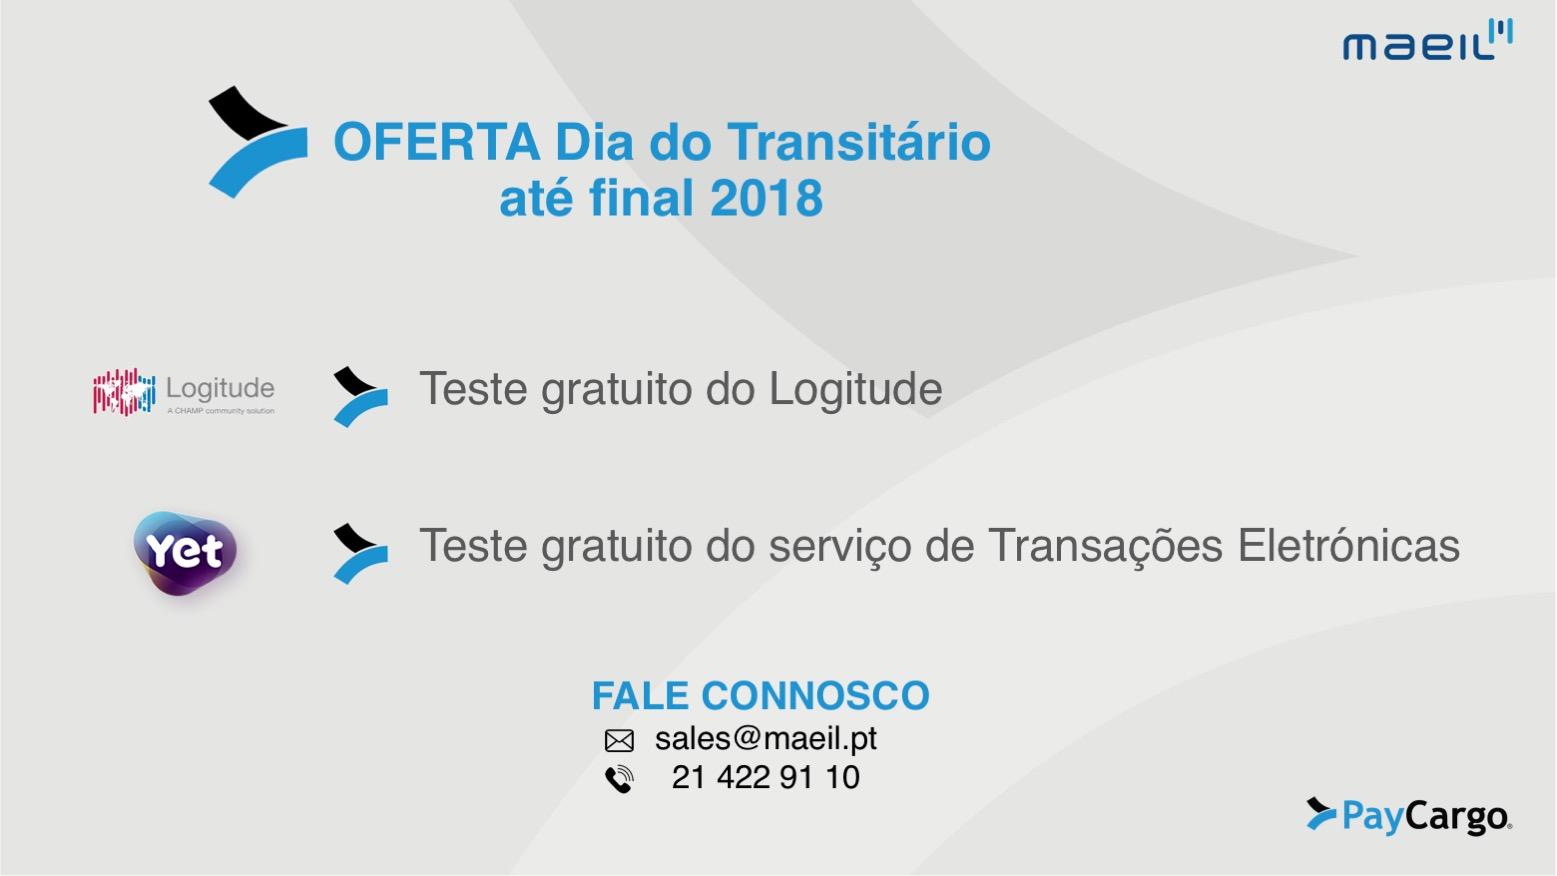 CAMPANHA DIA DO TRANSITÁRIO